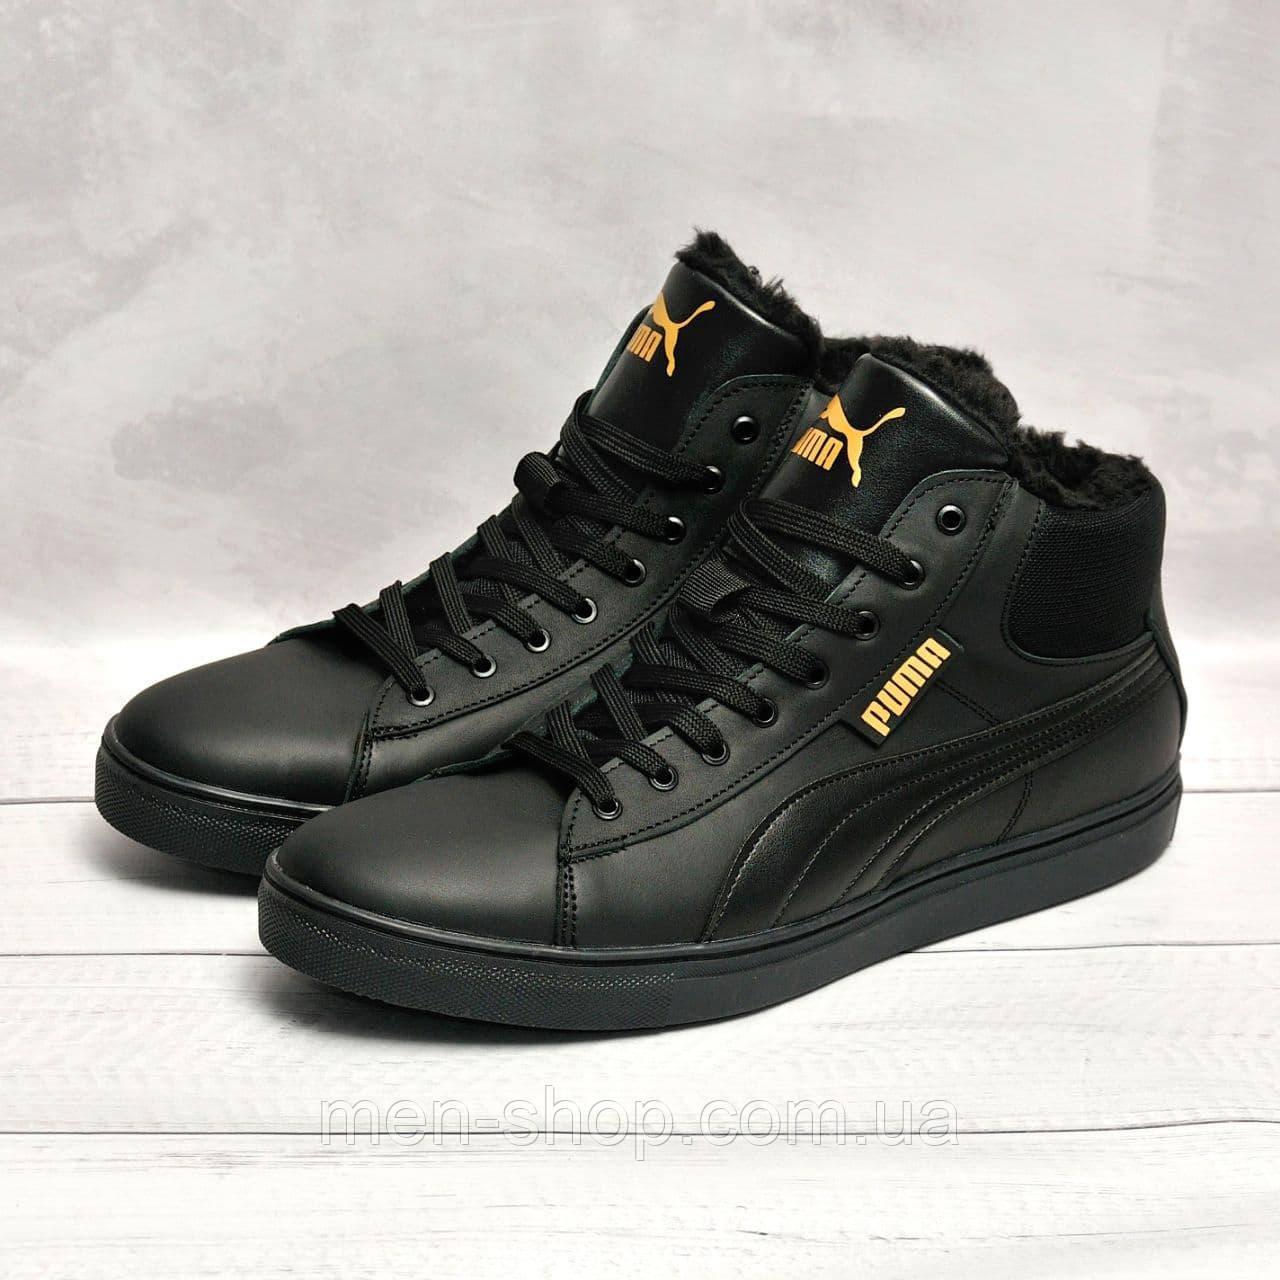 Зимние ботинки в стиле Puma